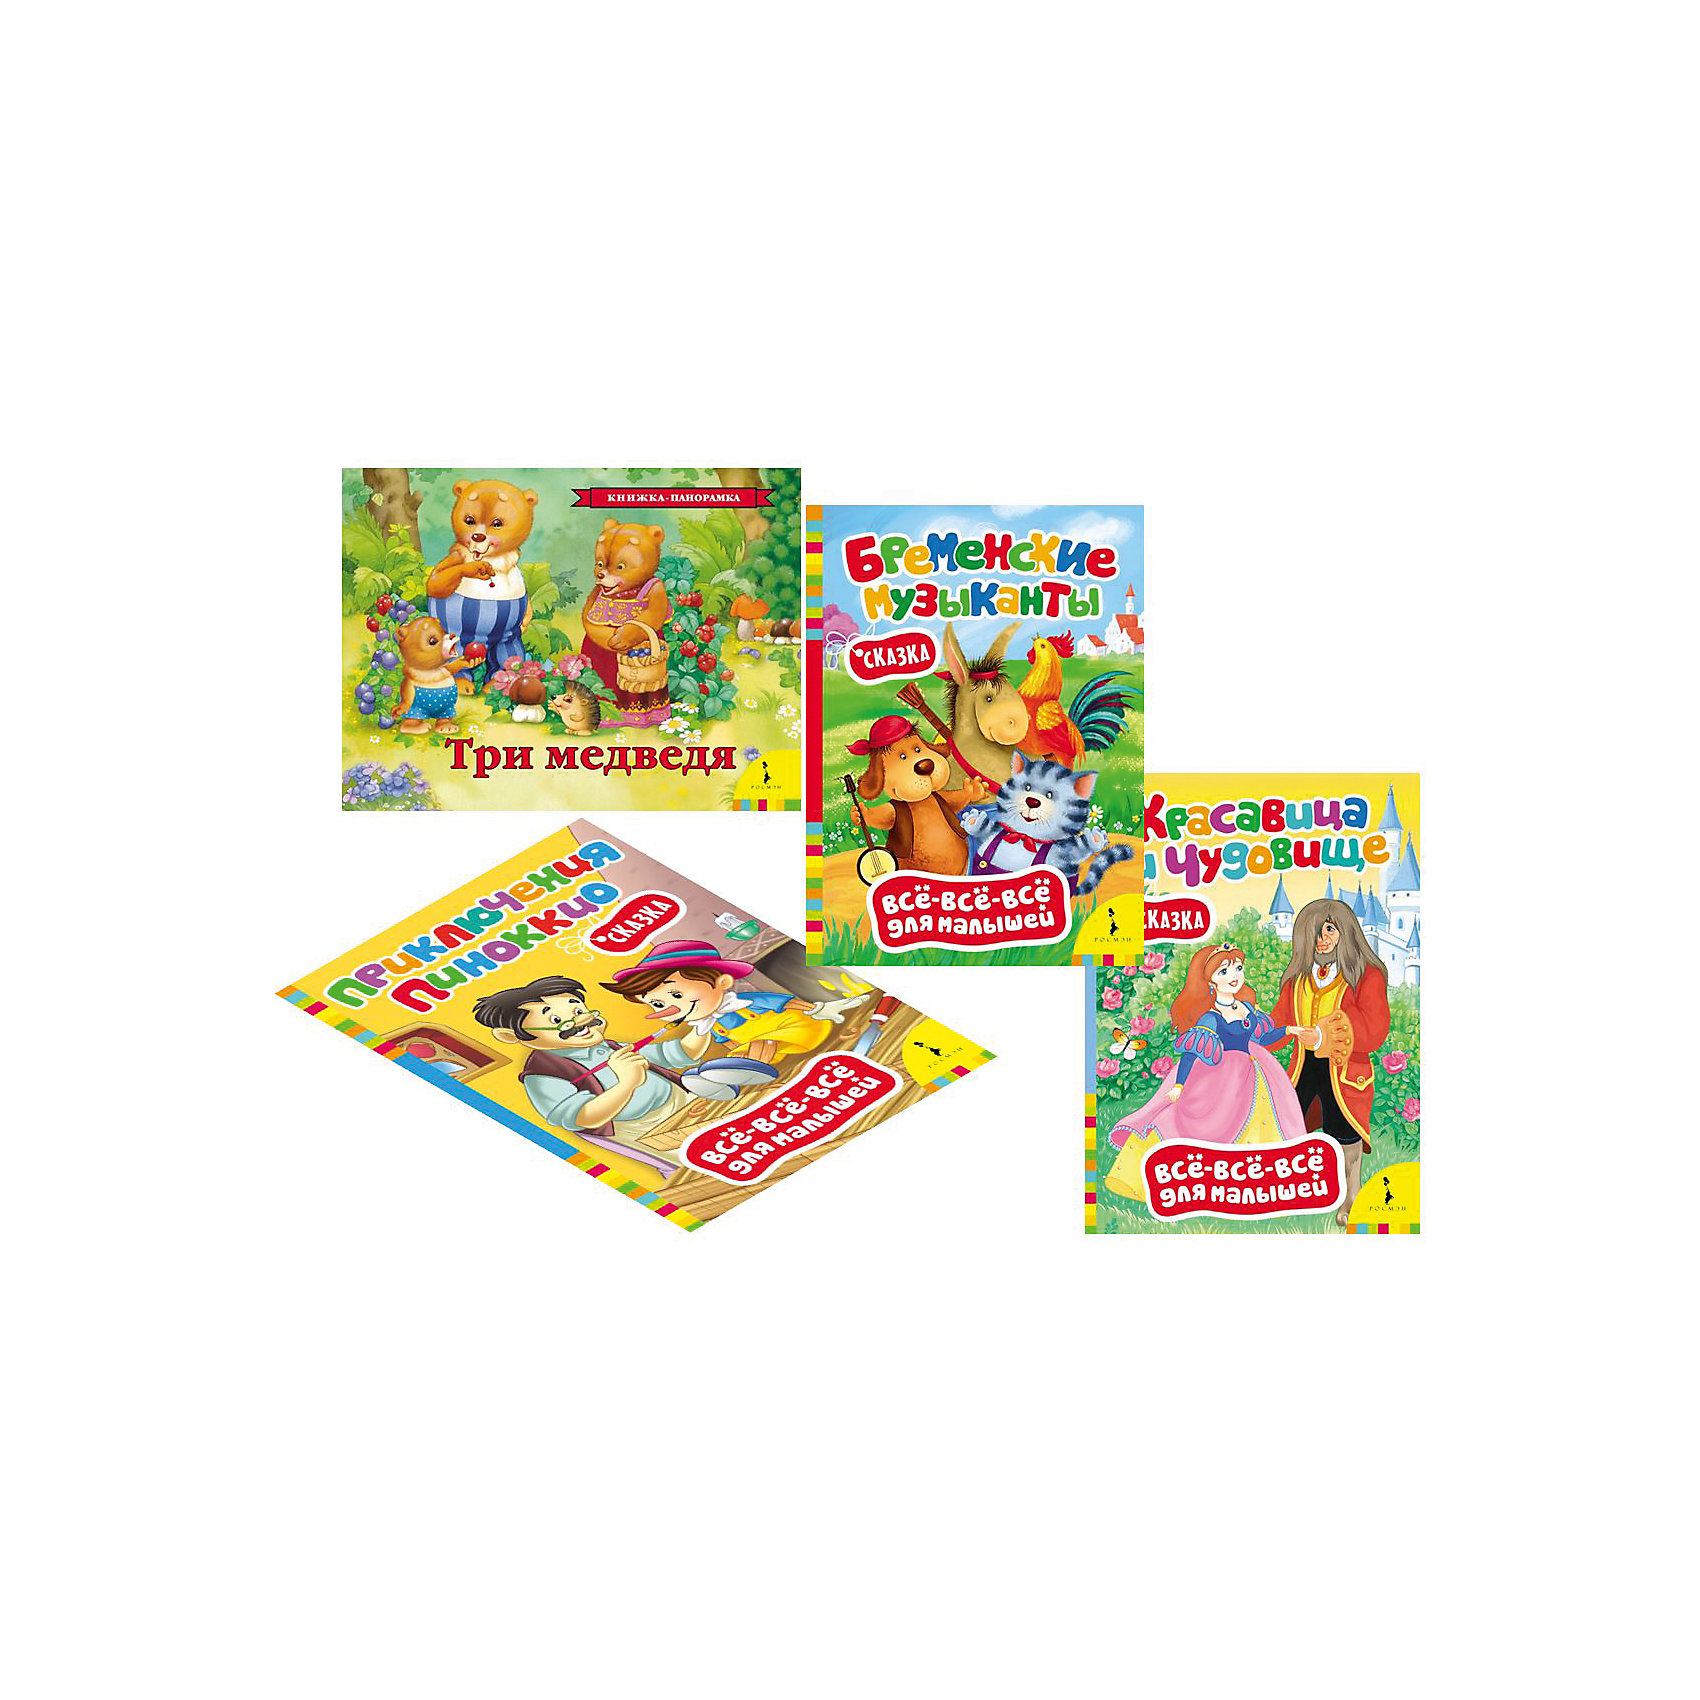 Комплект Классические сказки для самых маленькихСказки<br>Комплект Классические сказки для самых маленьких ? это картонные книги, выпущенные отечественным издательством Росмэн.  Комплект серии Все-все-все для малышей<br>состоит из четырех книг Приключения Пиноккио, Красавица и чудовище, Бременские музыканты, Три медведя (книга-панорамка). Объем каждой книжки составляет 8 страниц, кроме книги-панорамки Три медведя – 12 страниц. Этот комплект представляет собой подборку первых книг не только для чтения взрослыми детям, но и для рассматривания картинок. Яркие иллюстрации способствуют художественно-эстетическому развитию ребенка. А тексты сказок формируют представления о доброте и взаимовыручке. <br><br>Дополнительная информация:<br><br>- Жанр книг: сказки<br>- Предназначение: для дома, для детских садов<br>- Серия: Все-все-все для малышей<br>- Материал: картонные книжки<br>- Комплектация: 4 книжки ? Приключения Пиноккио, Красавица и чудовище, Бременские музыканты, Три медведя (панорамка)<br>- Размер (Д*Ш*В): 25,7*19,5*2,7 см<br><br>Подробнее:<br><br>• Для детей в возрасте: от 0 месяцев <br>• Издательство: Росмэн<br>• Страна производитель: Россия<br><br>Комплект Классические сказки для самых маленьких можно купить в нашем интернет-магазине.<br><br>Ширина мм: 257<br>Глубина мм: 195<br>Высота мм: 27<br>Вес г: 620<br>Возраст от месяцев: 0<br>Возраст до месяцев: 36<br>Пол: Унисекс<br>Возраст: Детский<br>SKU: 4870291